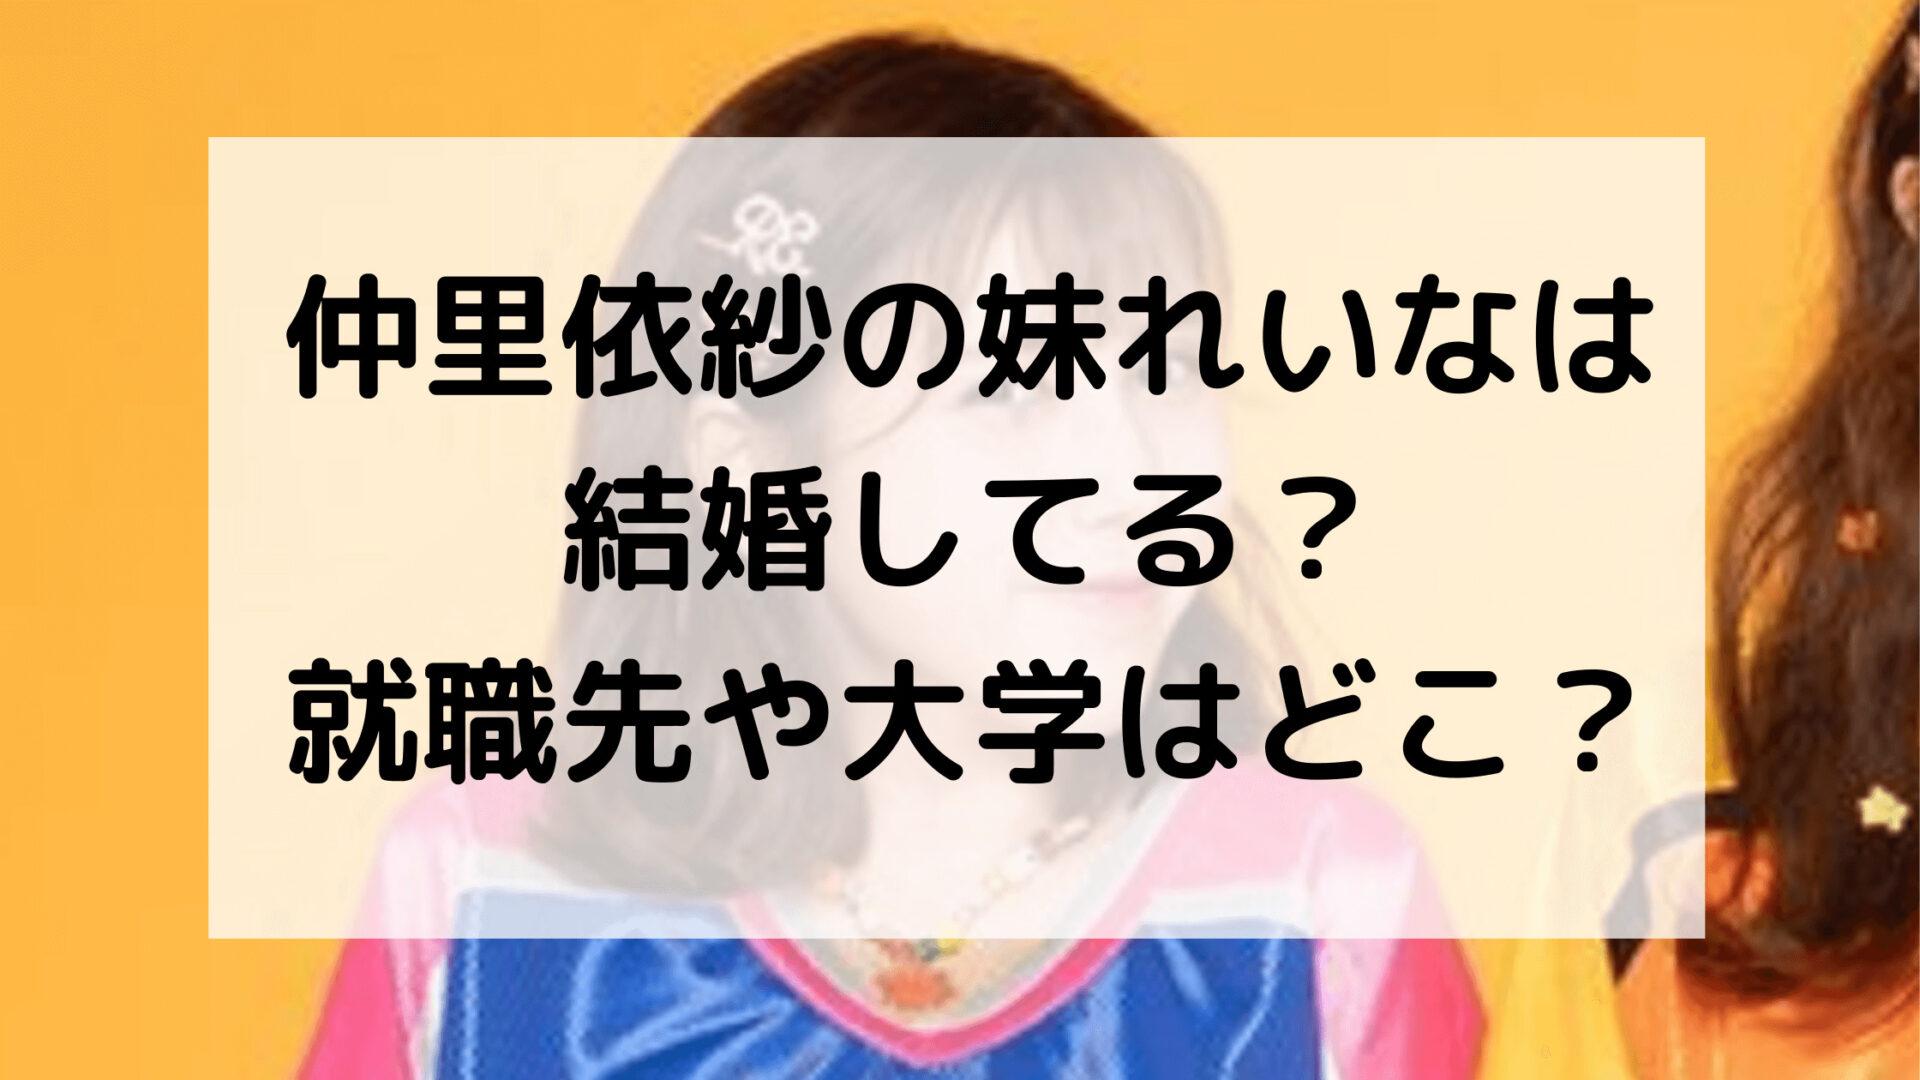 仲里依紗の妹れいなは結婚してる?就職先や大学はどこ?